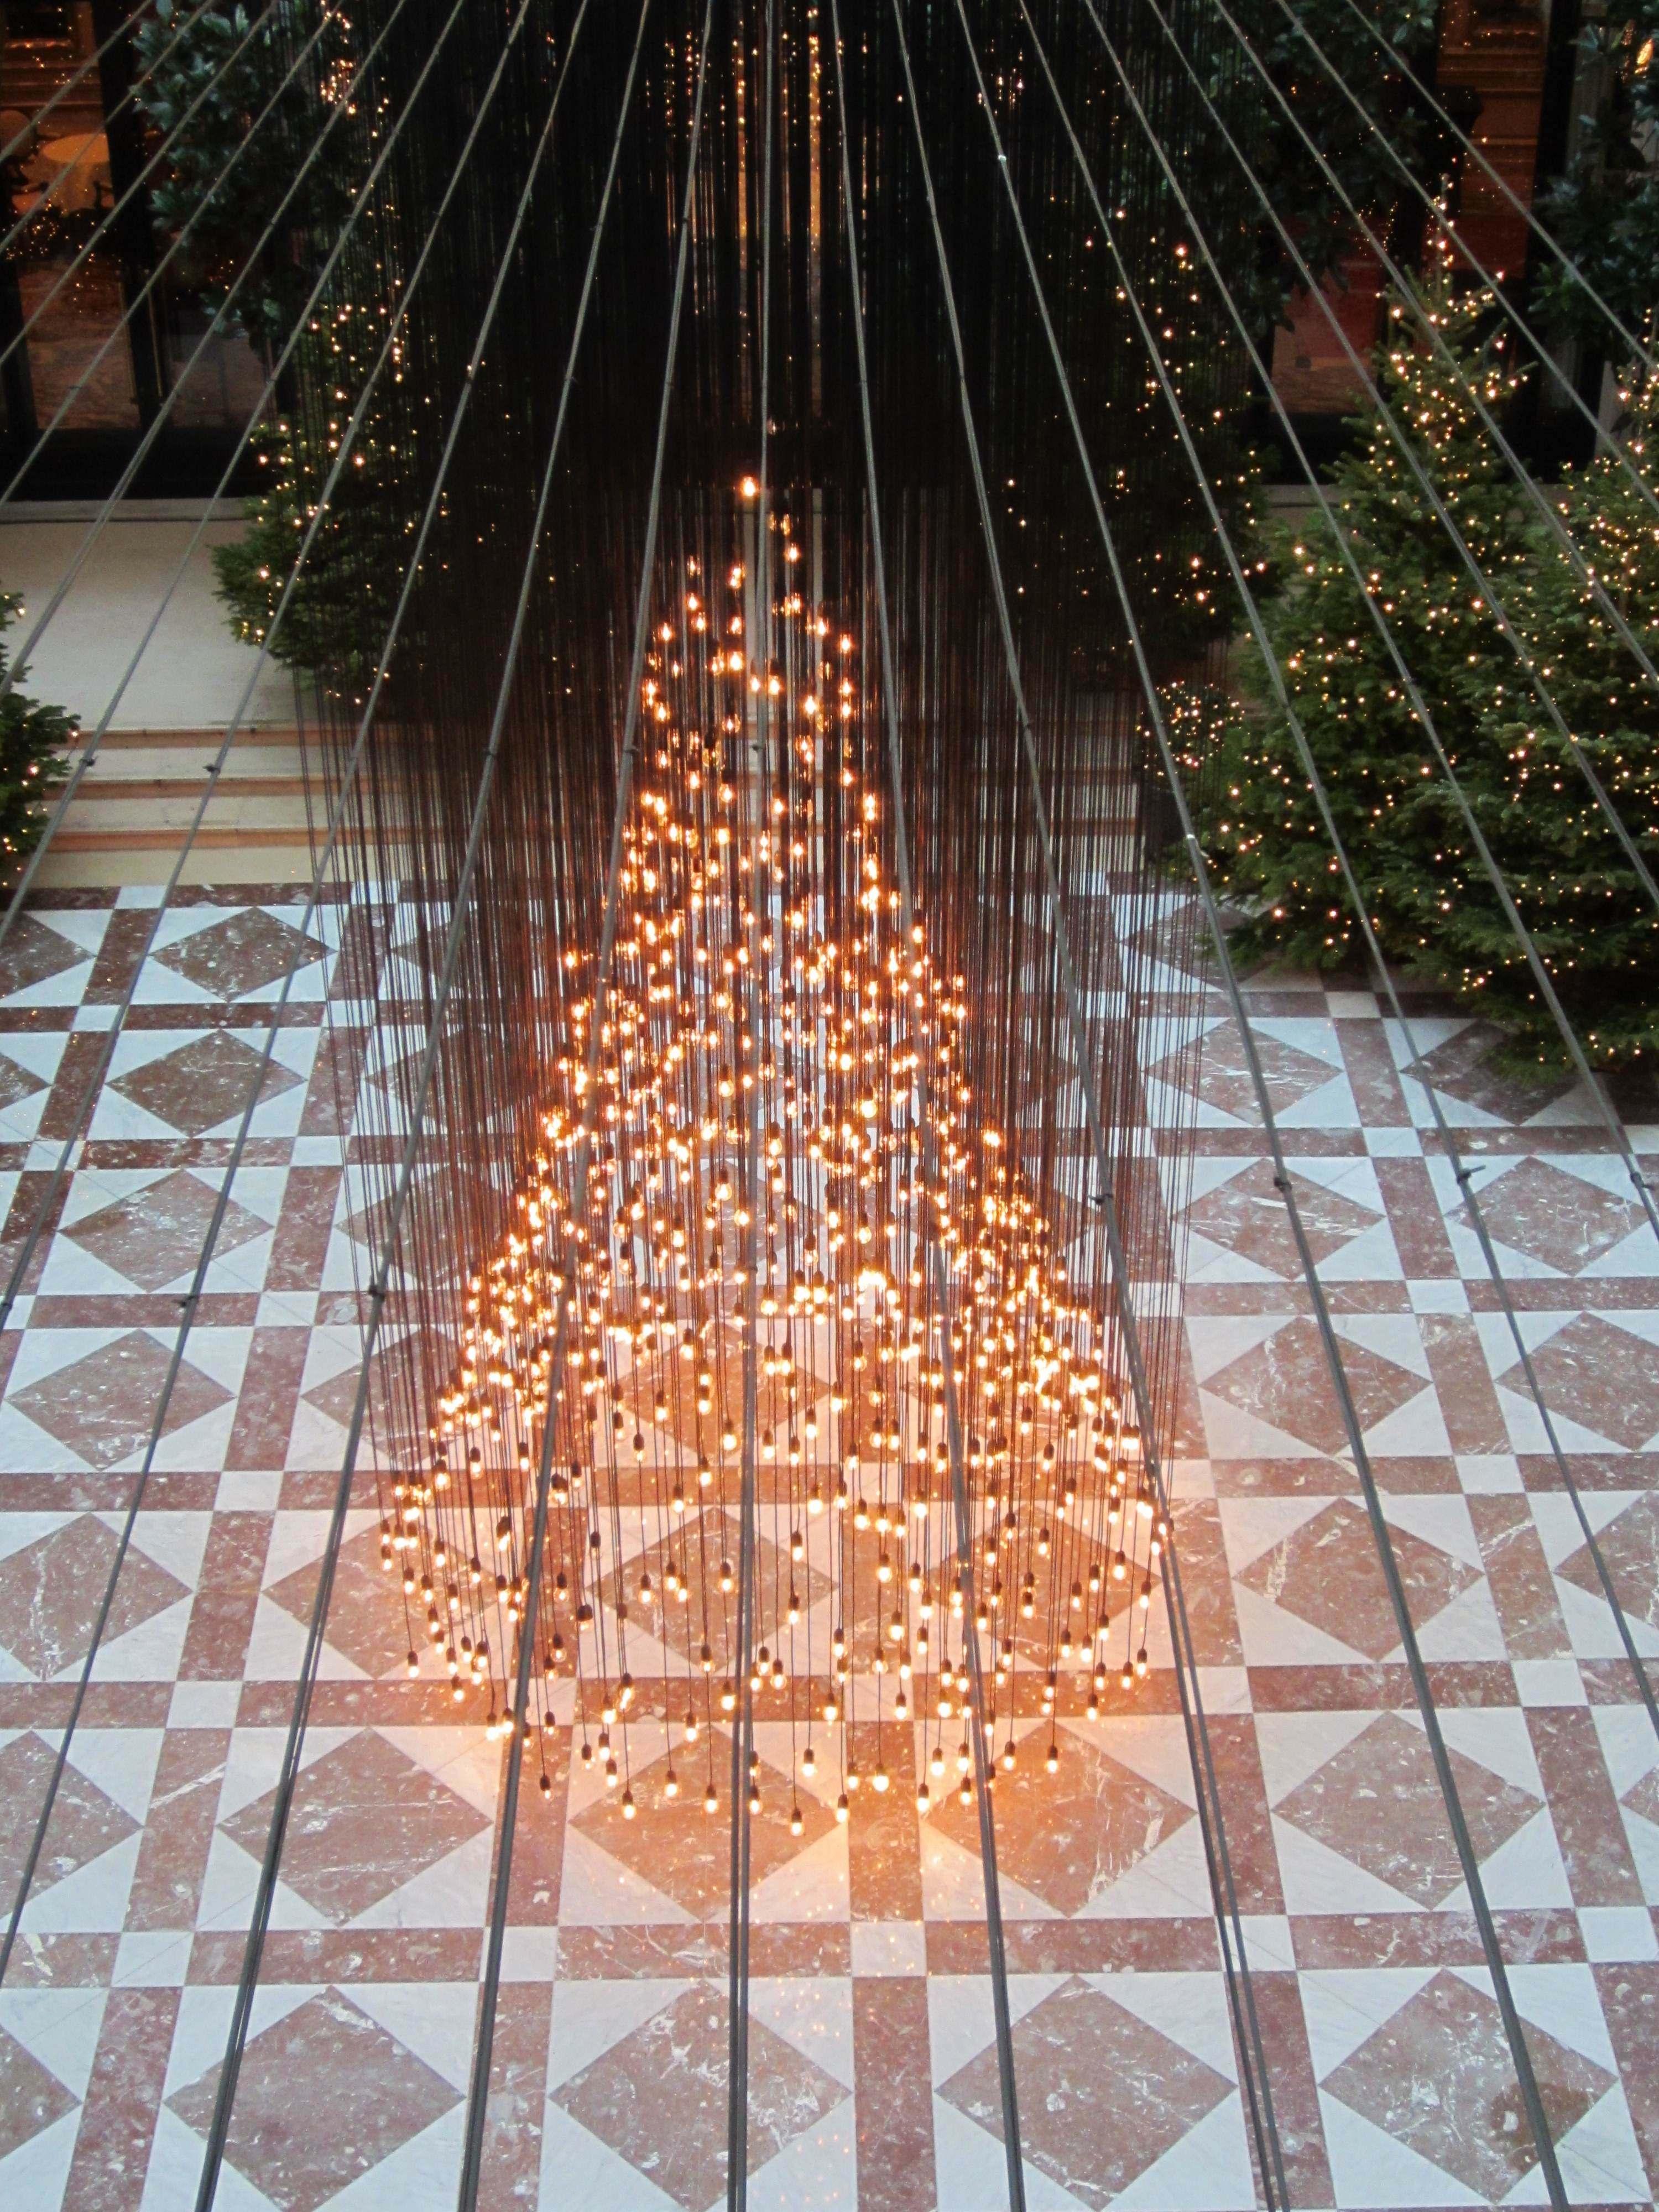 Modern Christmas Light Display